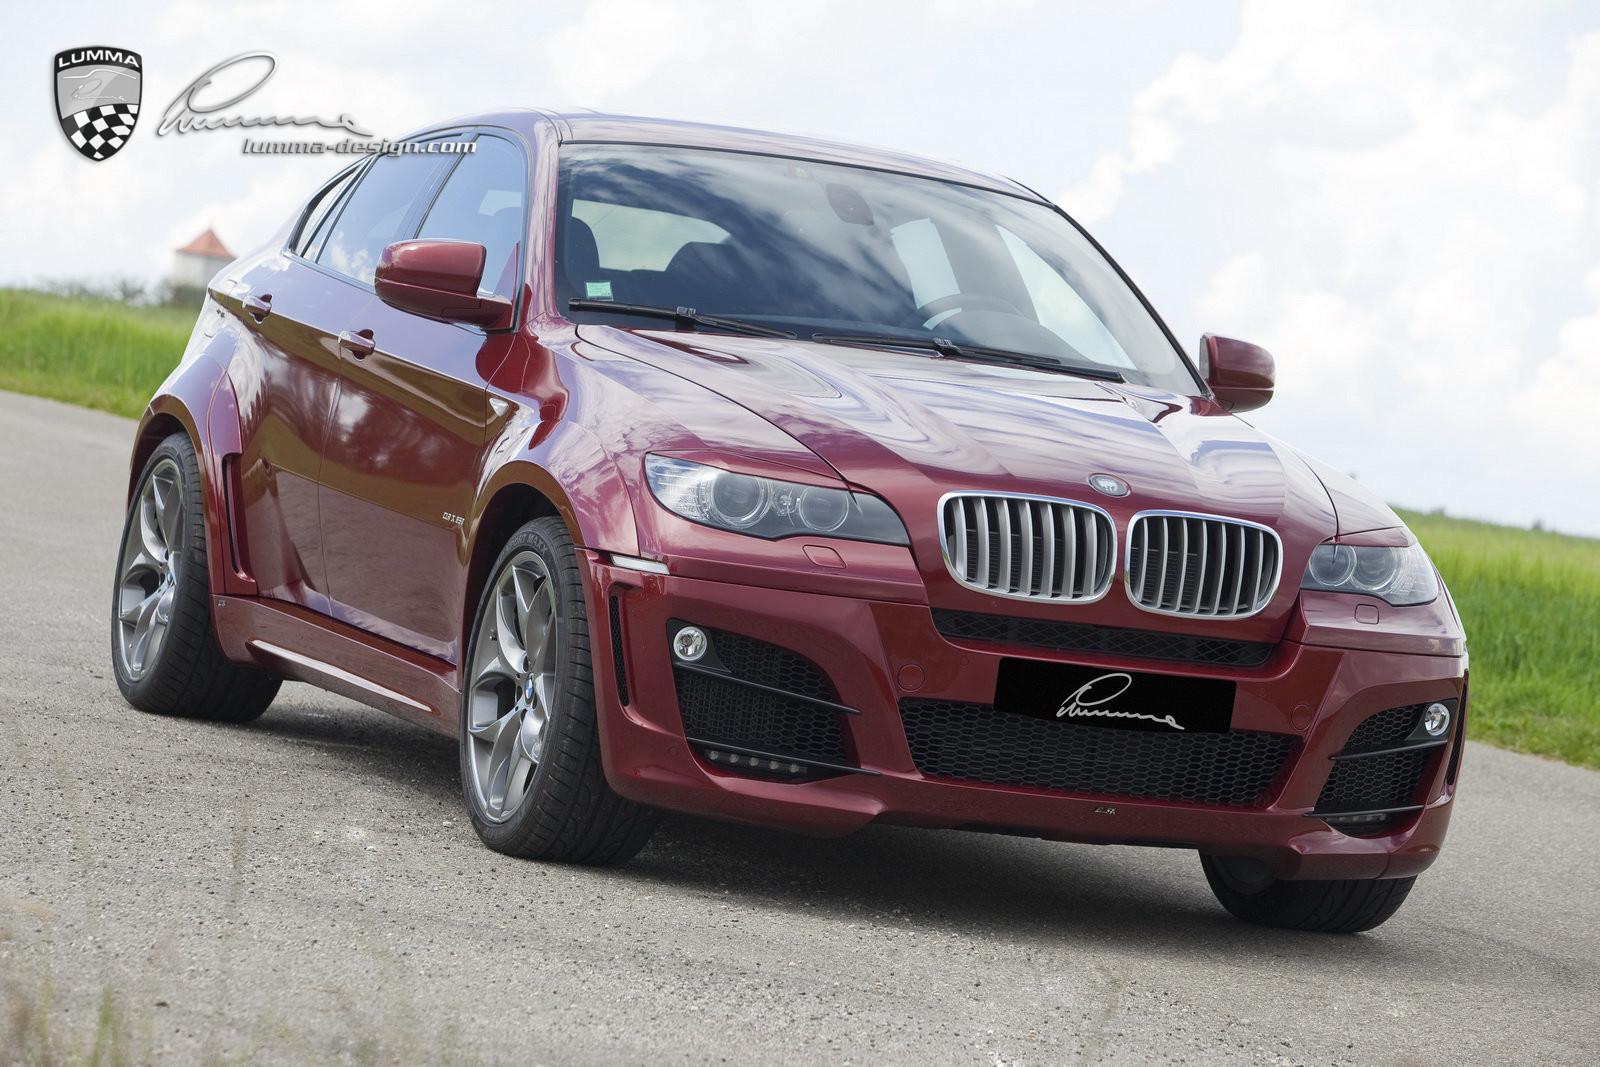 LUMMA CLR X 650 BODY KITS FOR BMW X6 50I E71